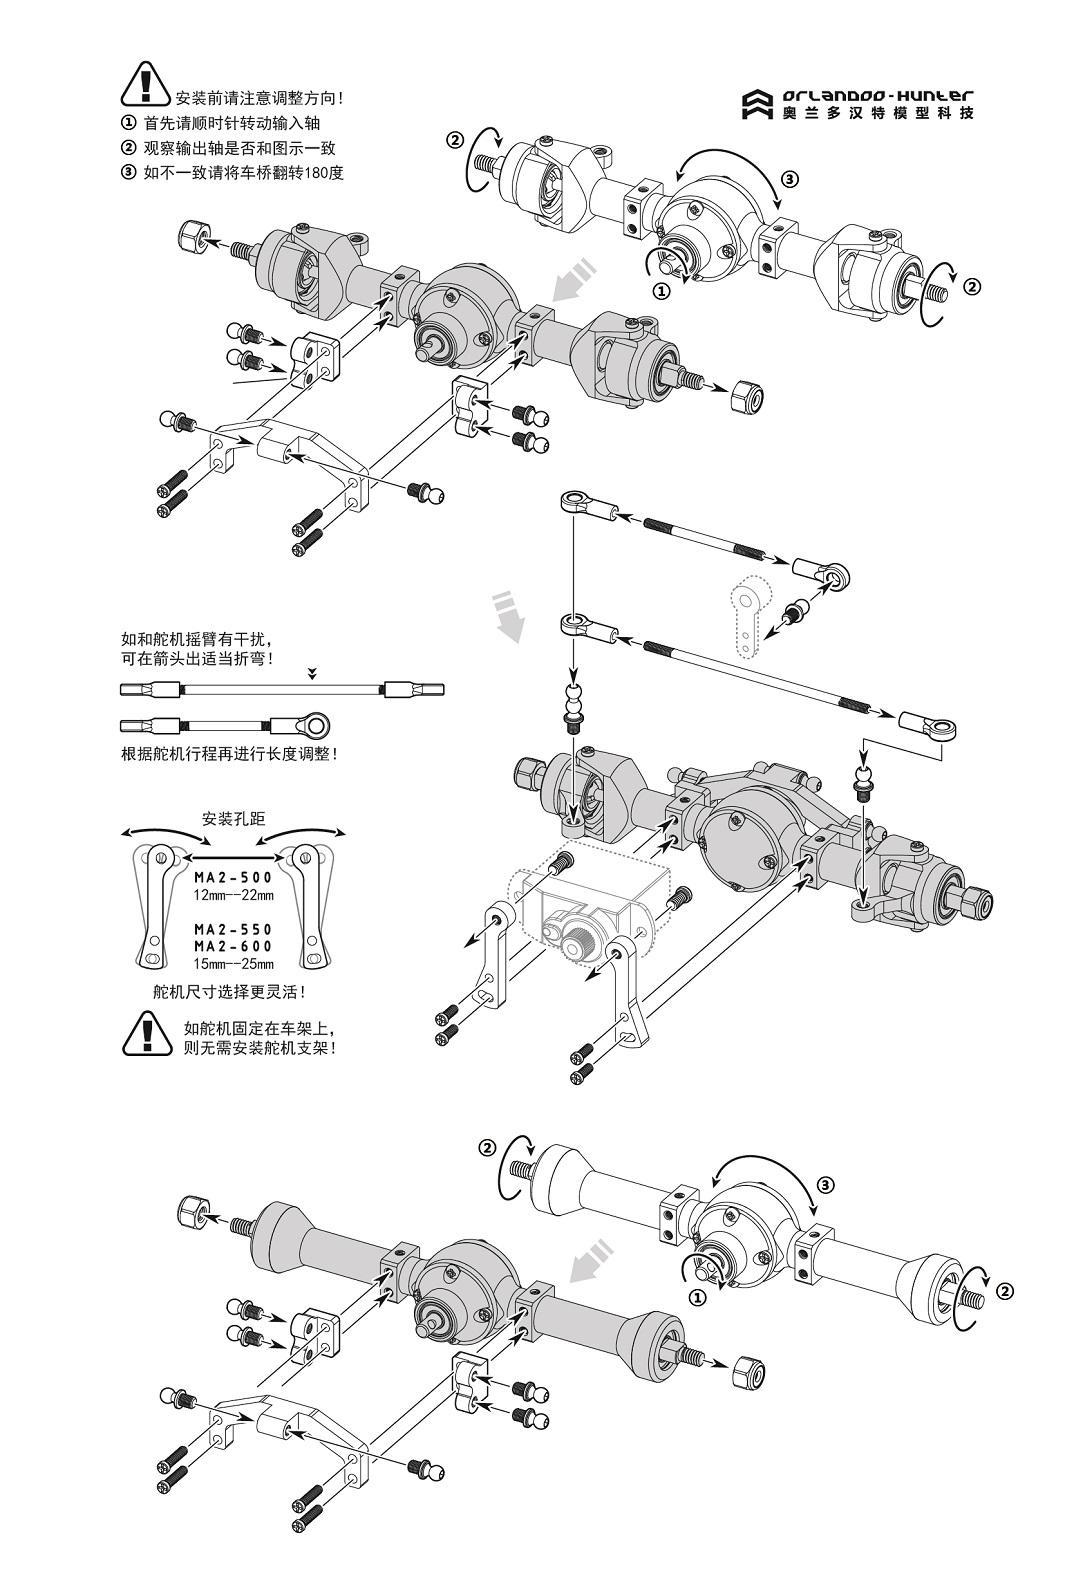 ma2-600-in-twin-build-info.jpg